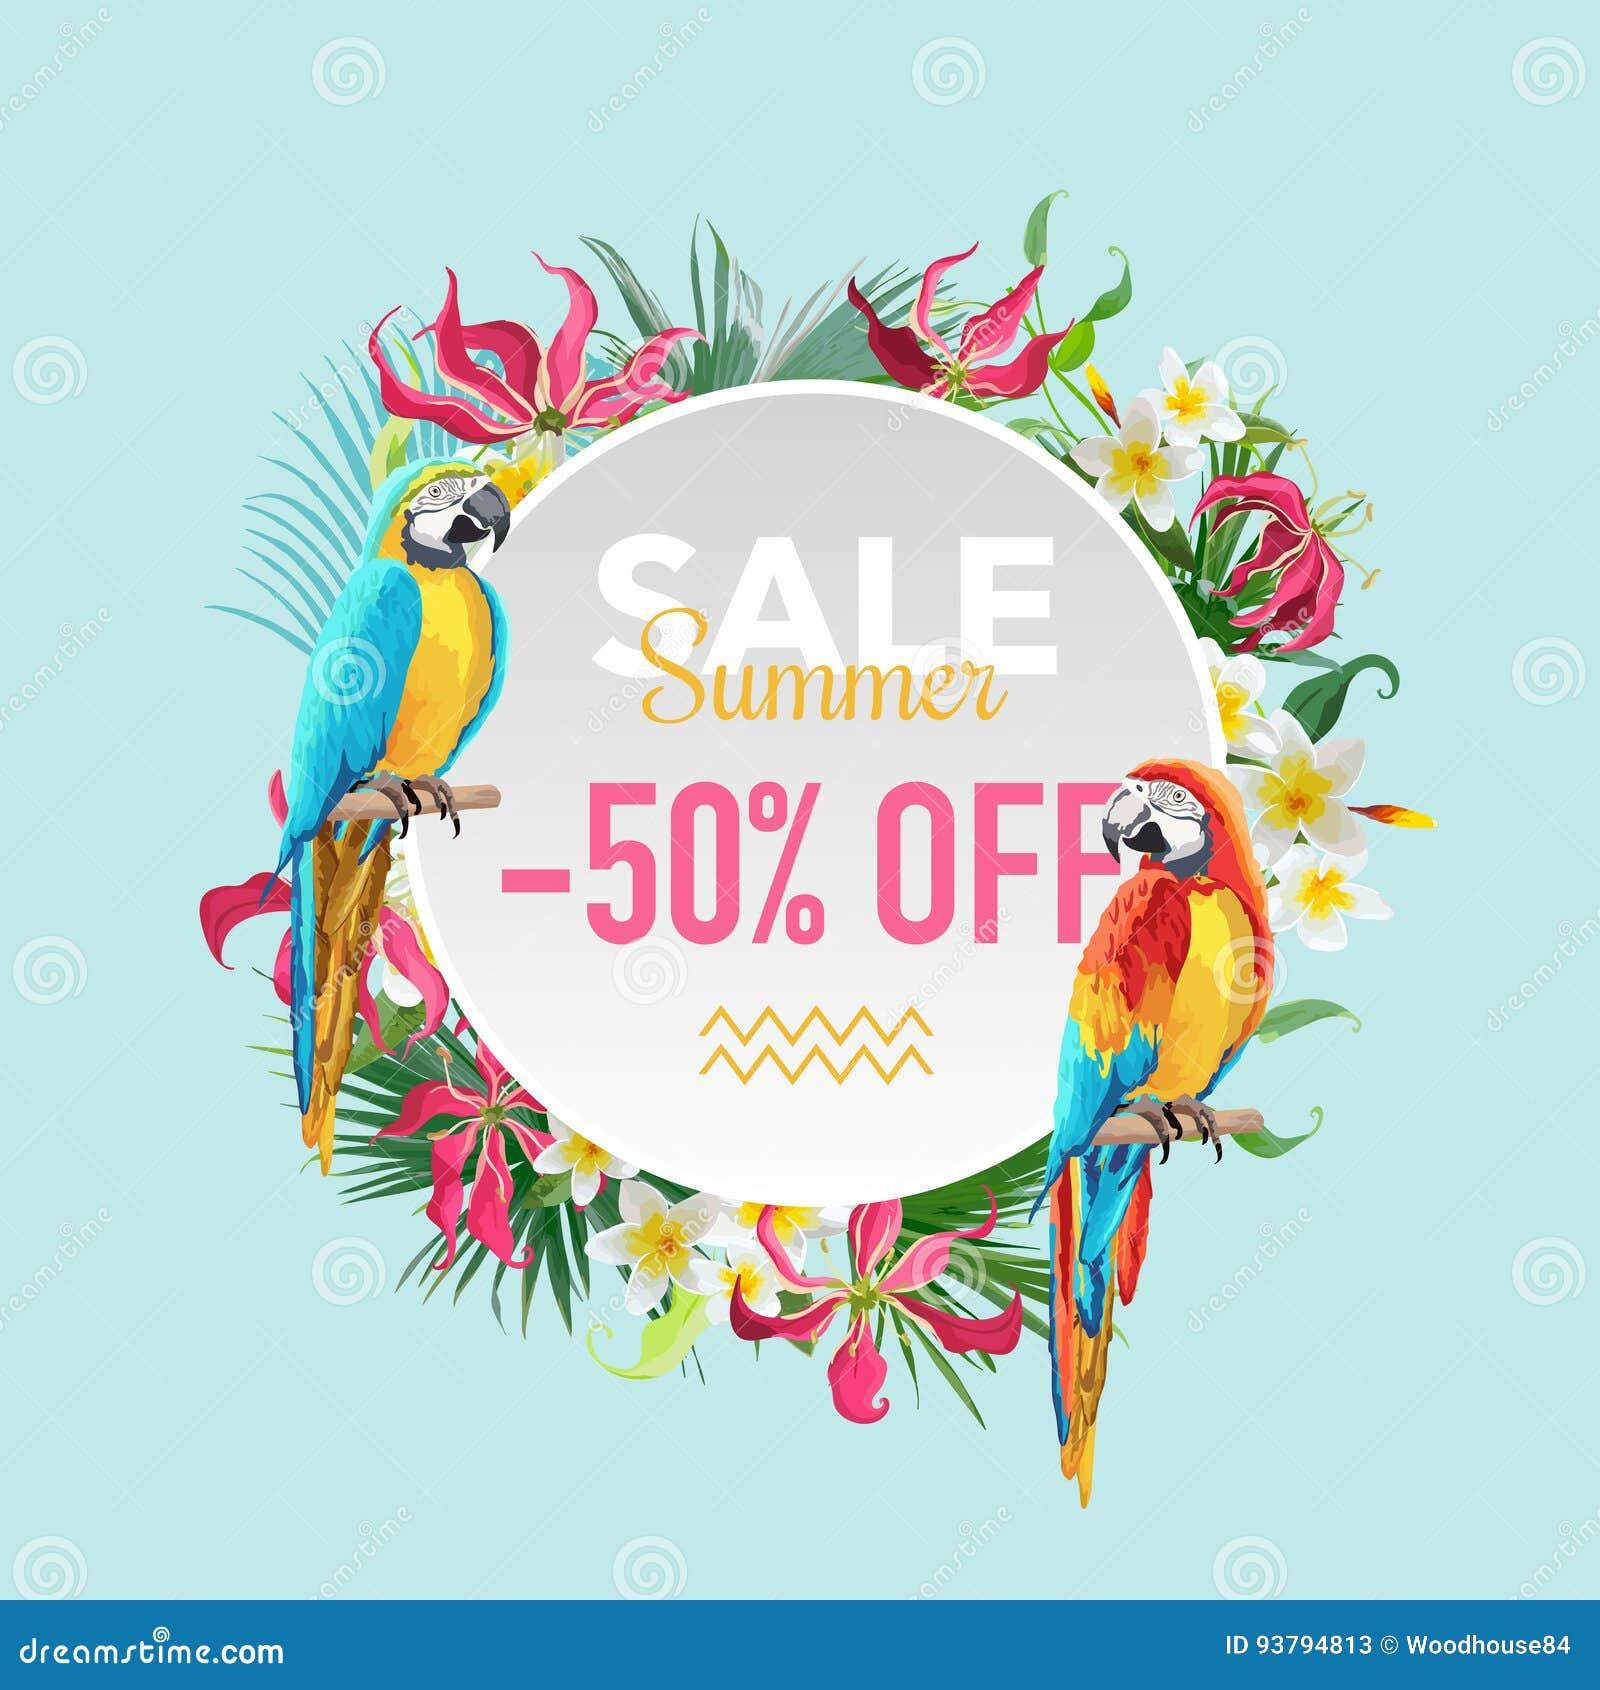 Цветки продажи лета тропические и экзотическое знамя птиц попугаев, для плаката скидки, продажа моды, предложение рынка